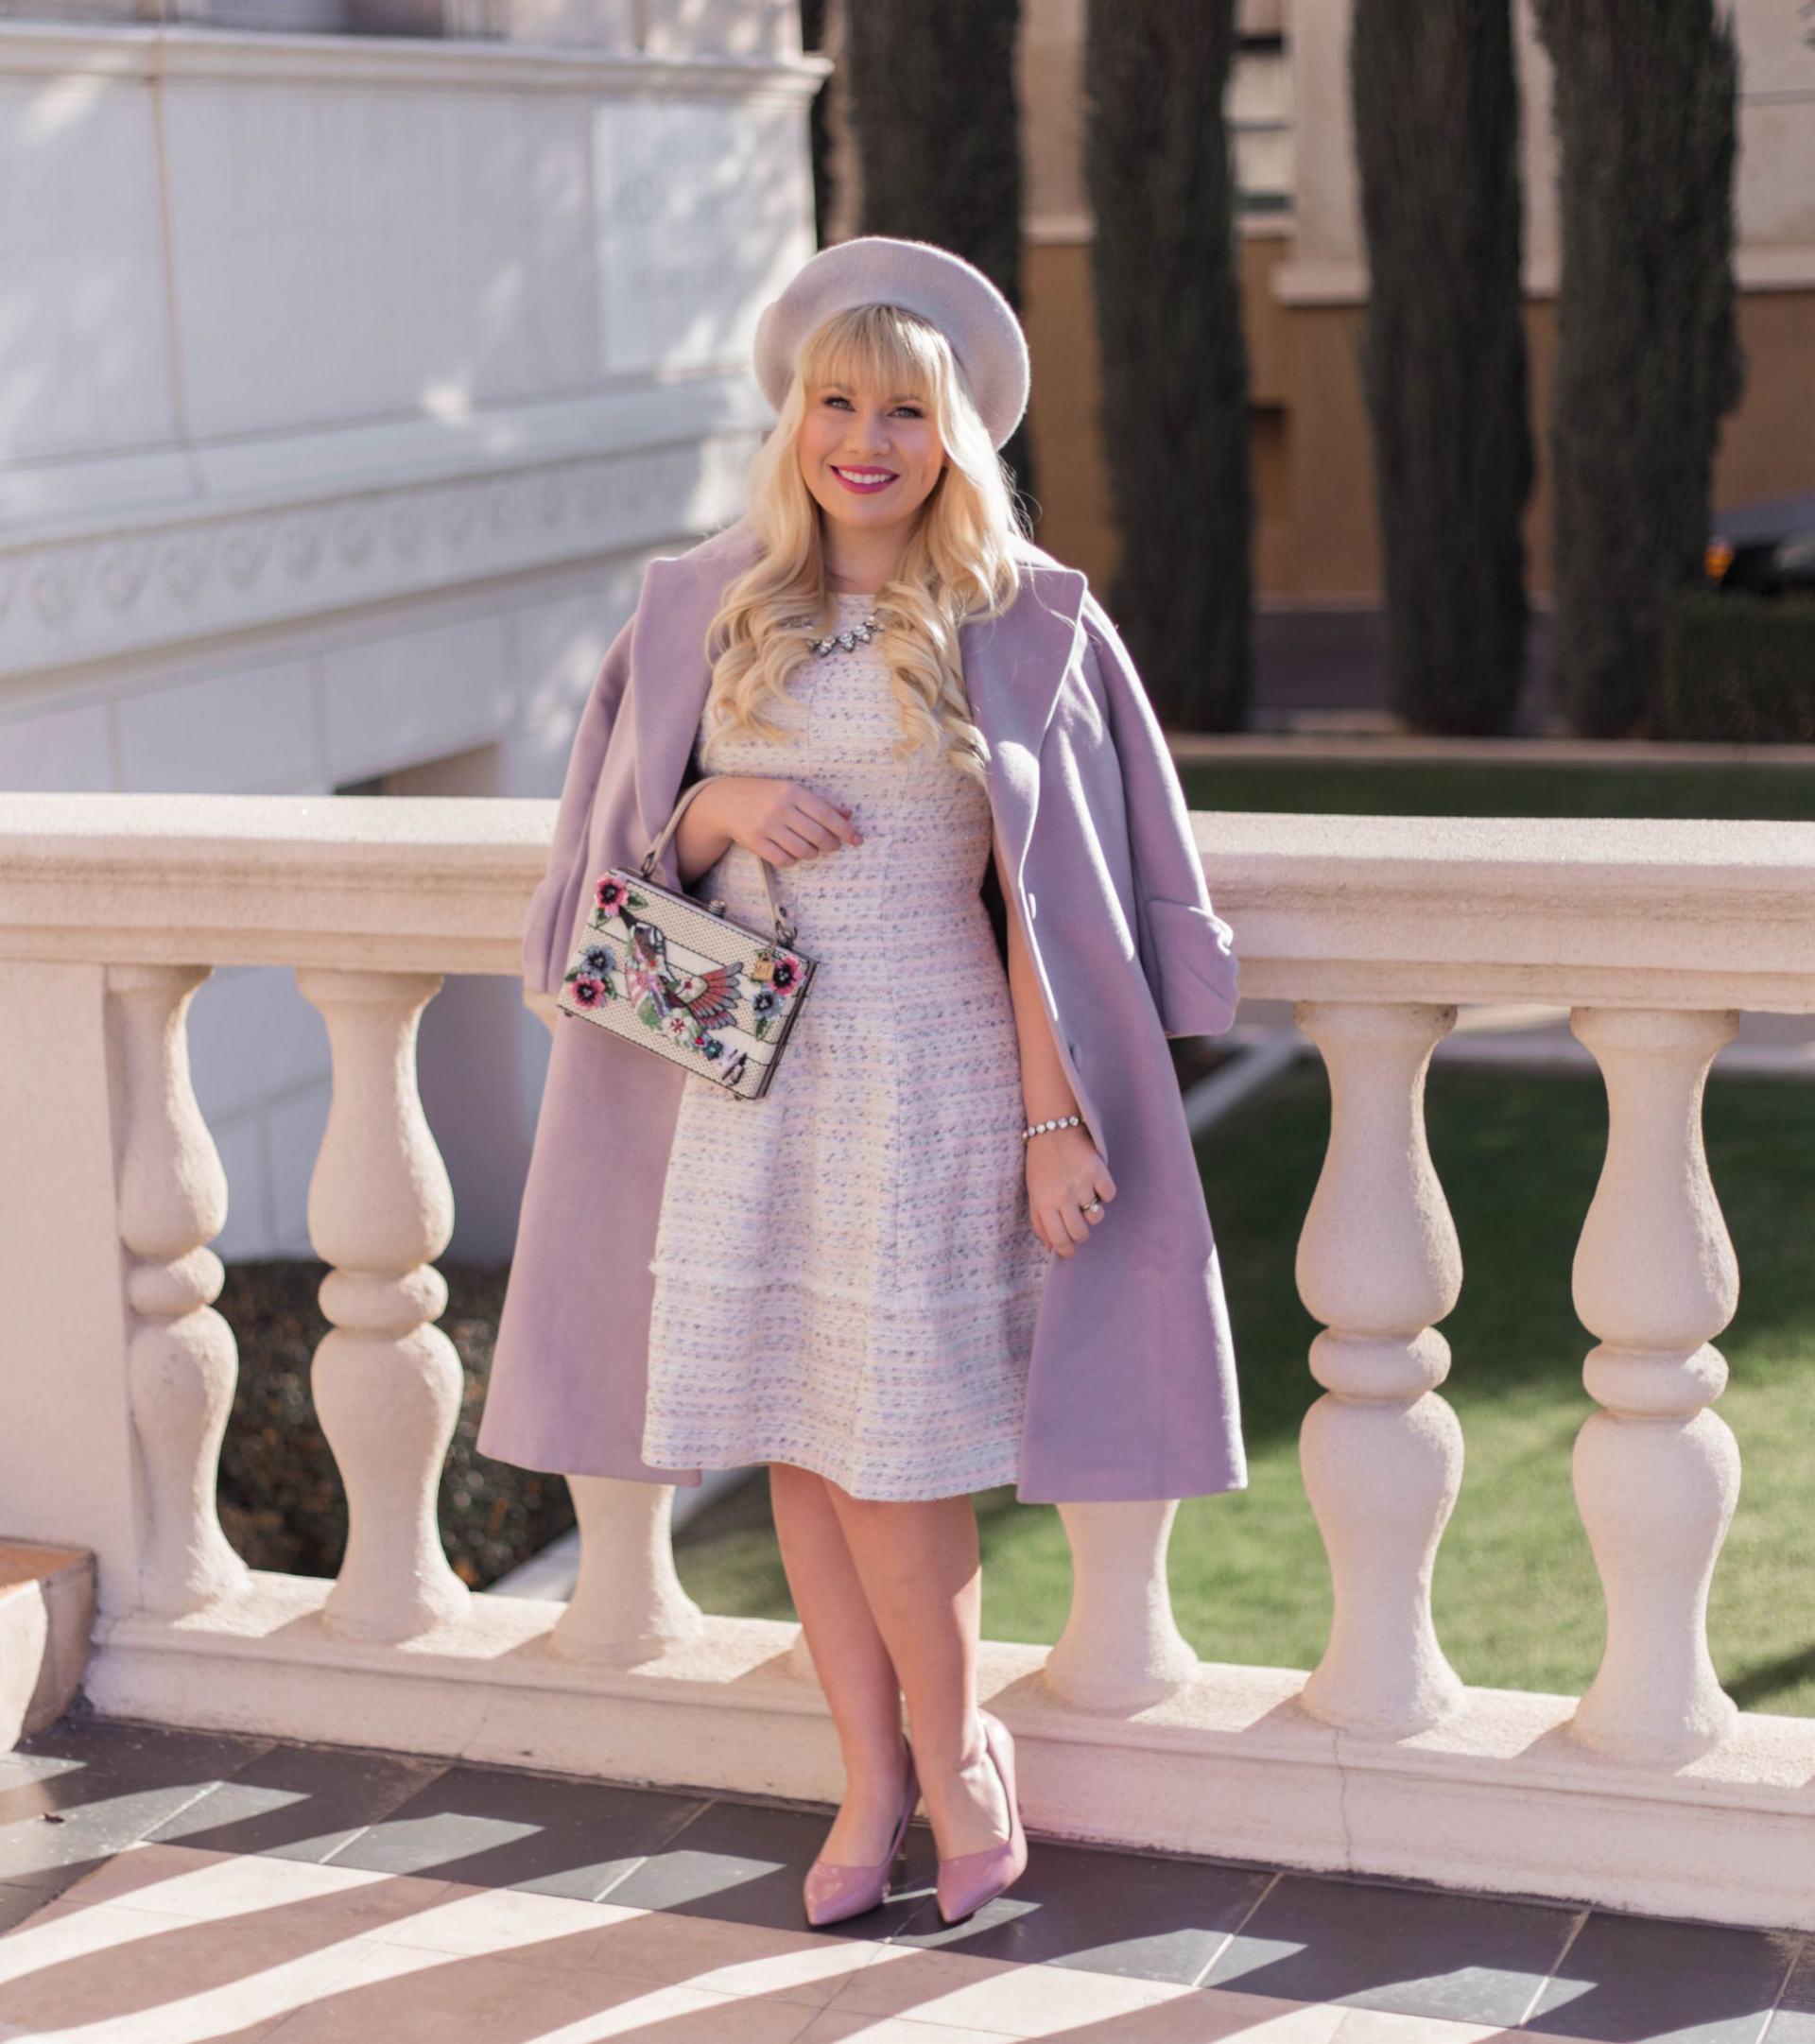 Elizabeth Hugen from Lizzie in Lace wears a lilac winter coat